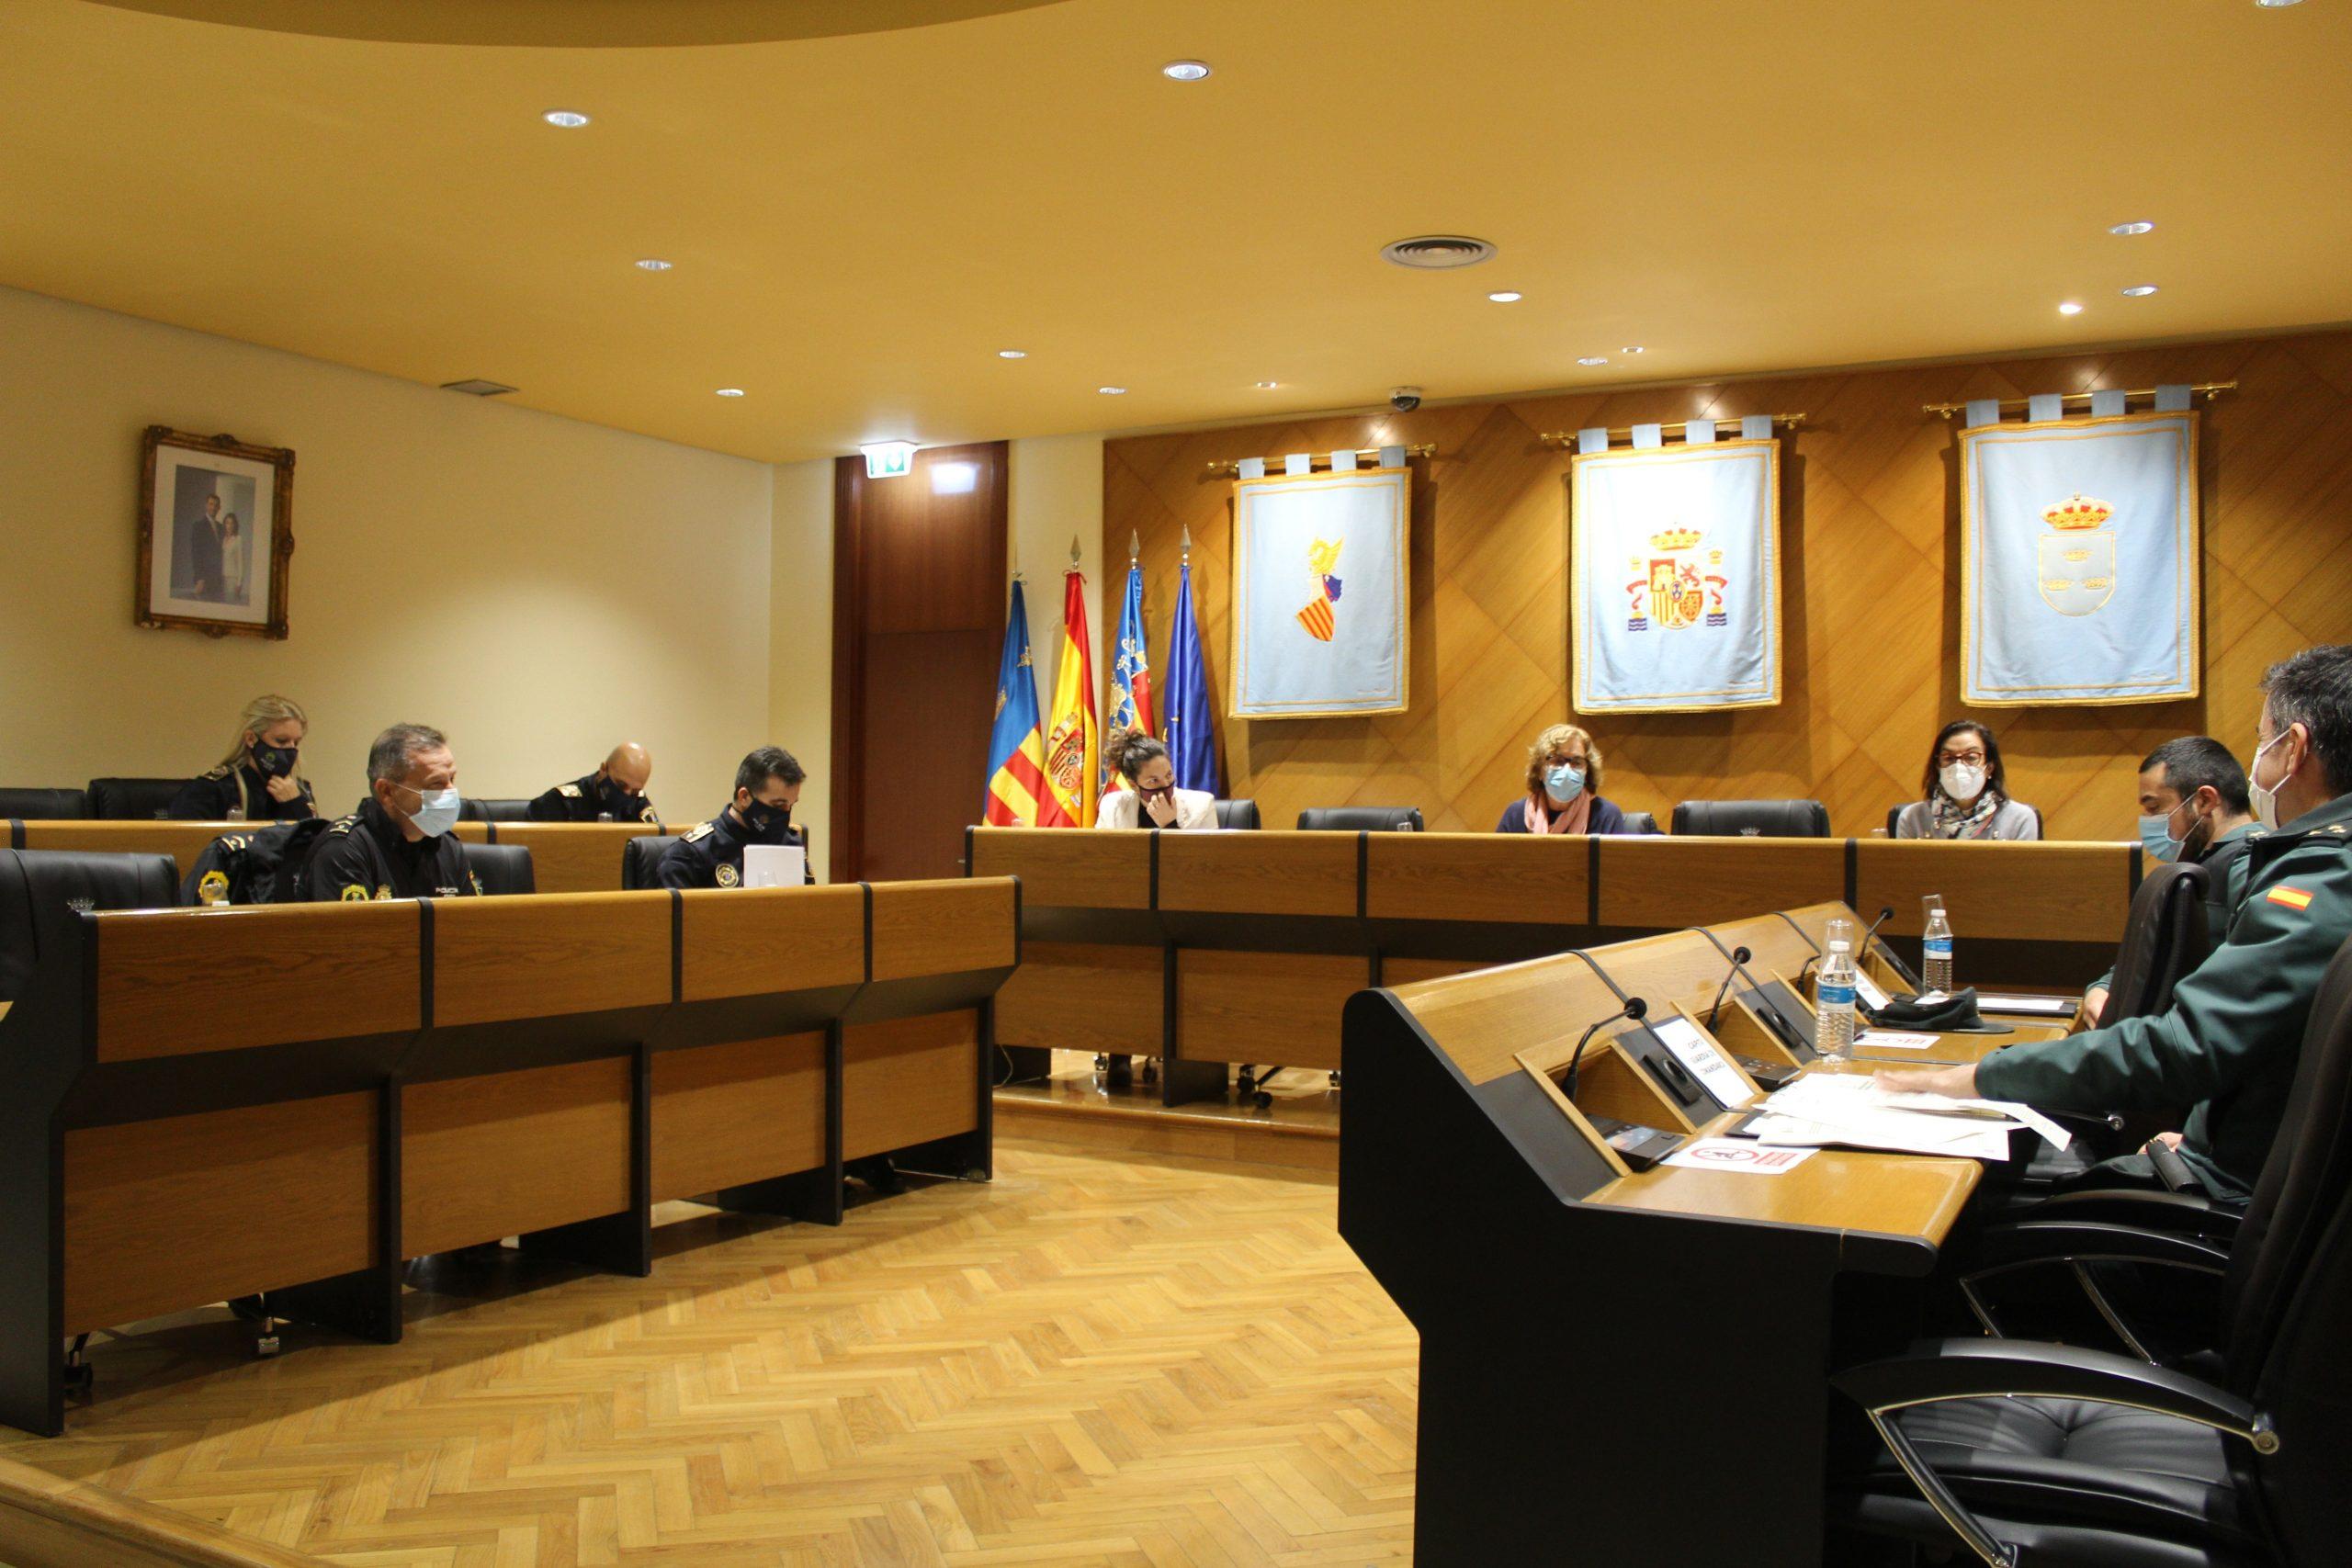 La Junta de Seguridad de Burriana repasa las actuaciones en materia de seguridad de este año